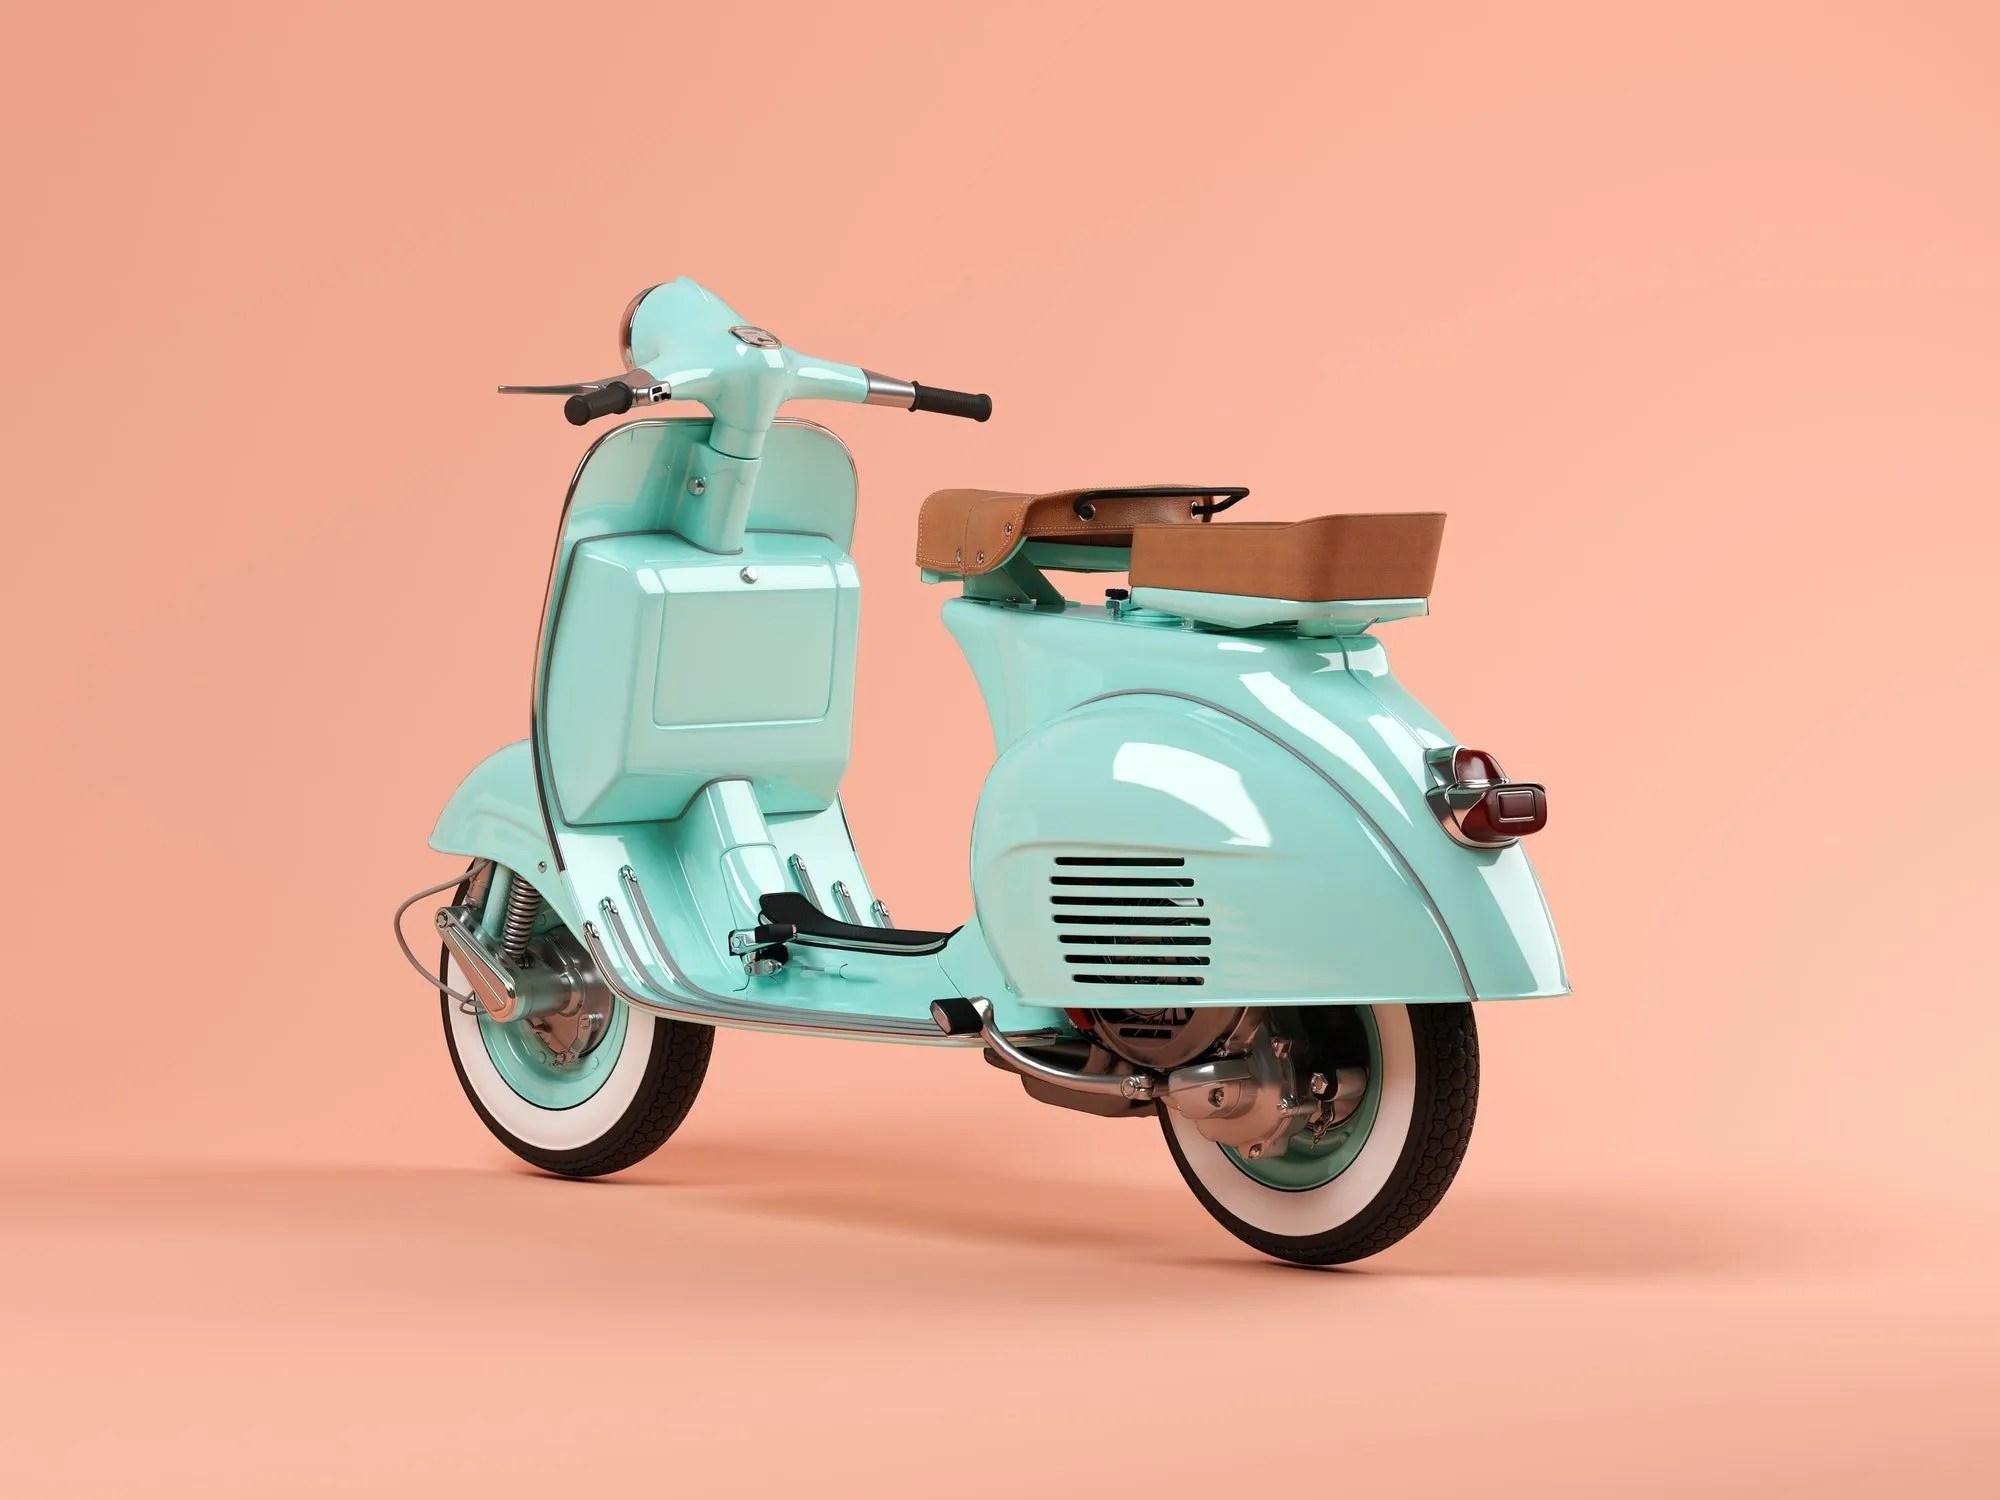 Blue scooter on pink background 3 D illustration